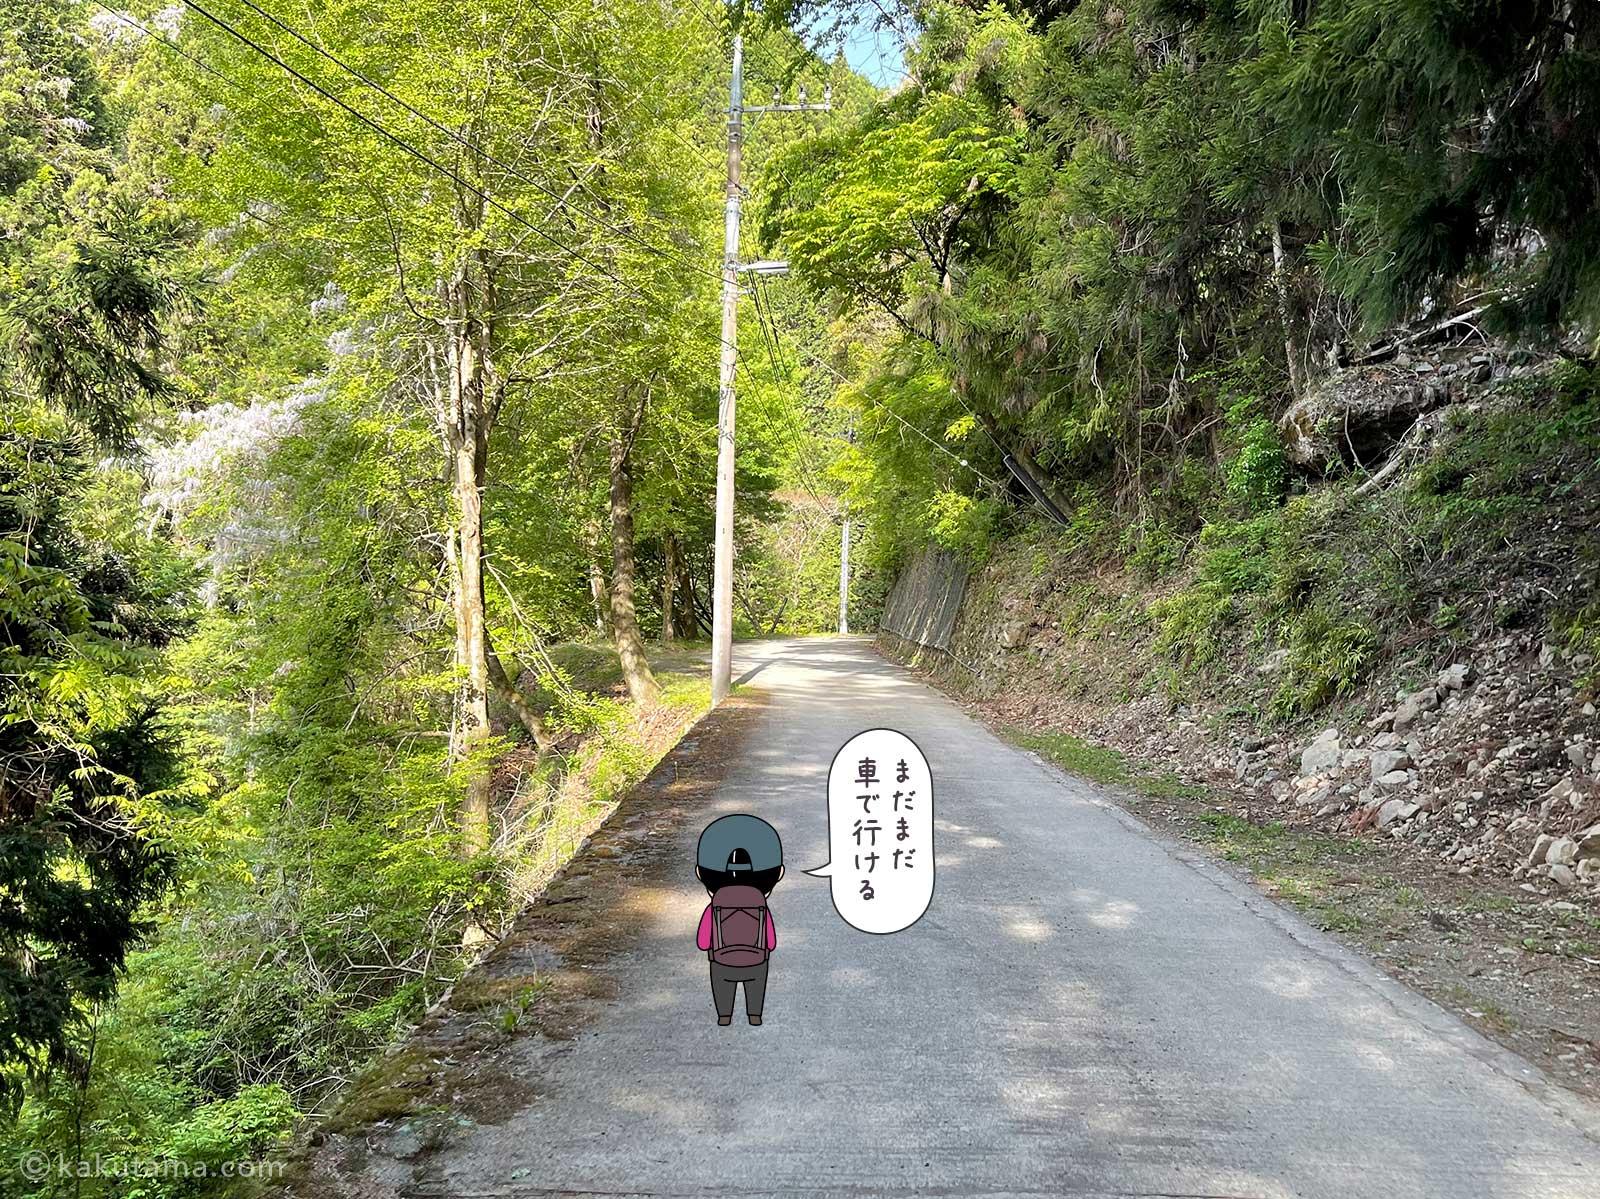 大岳山鍾乳洞へ向かって進む